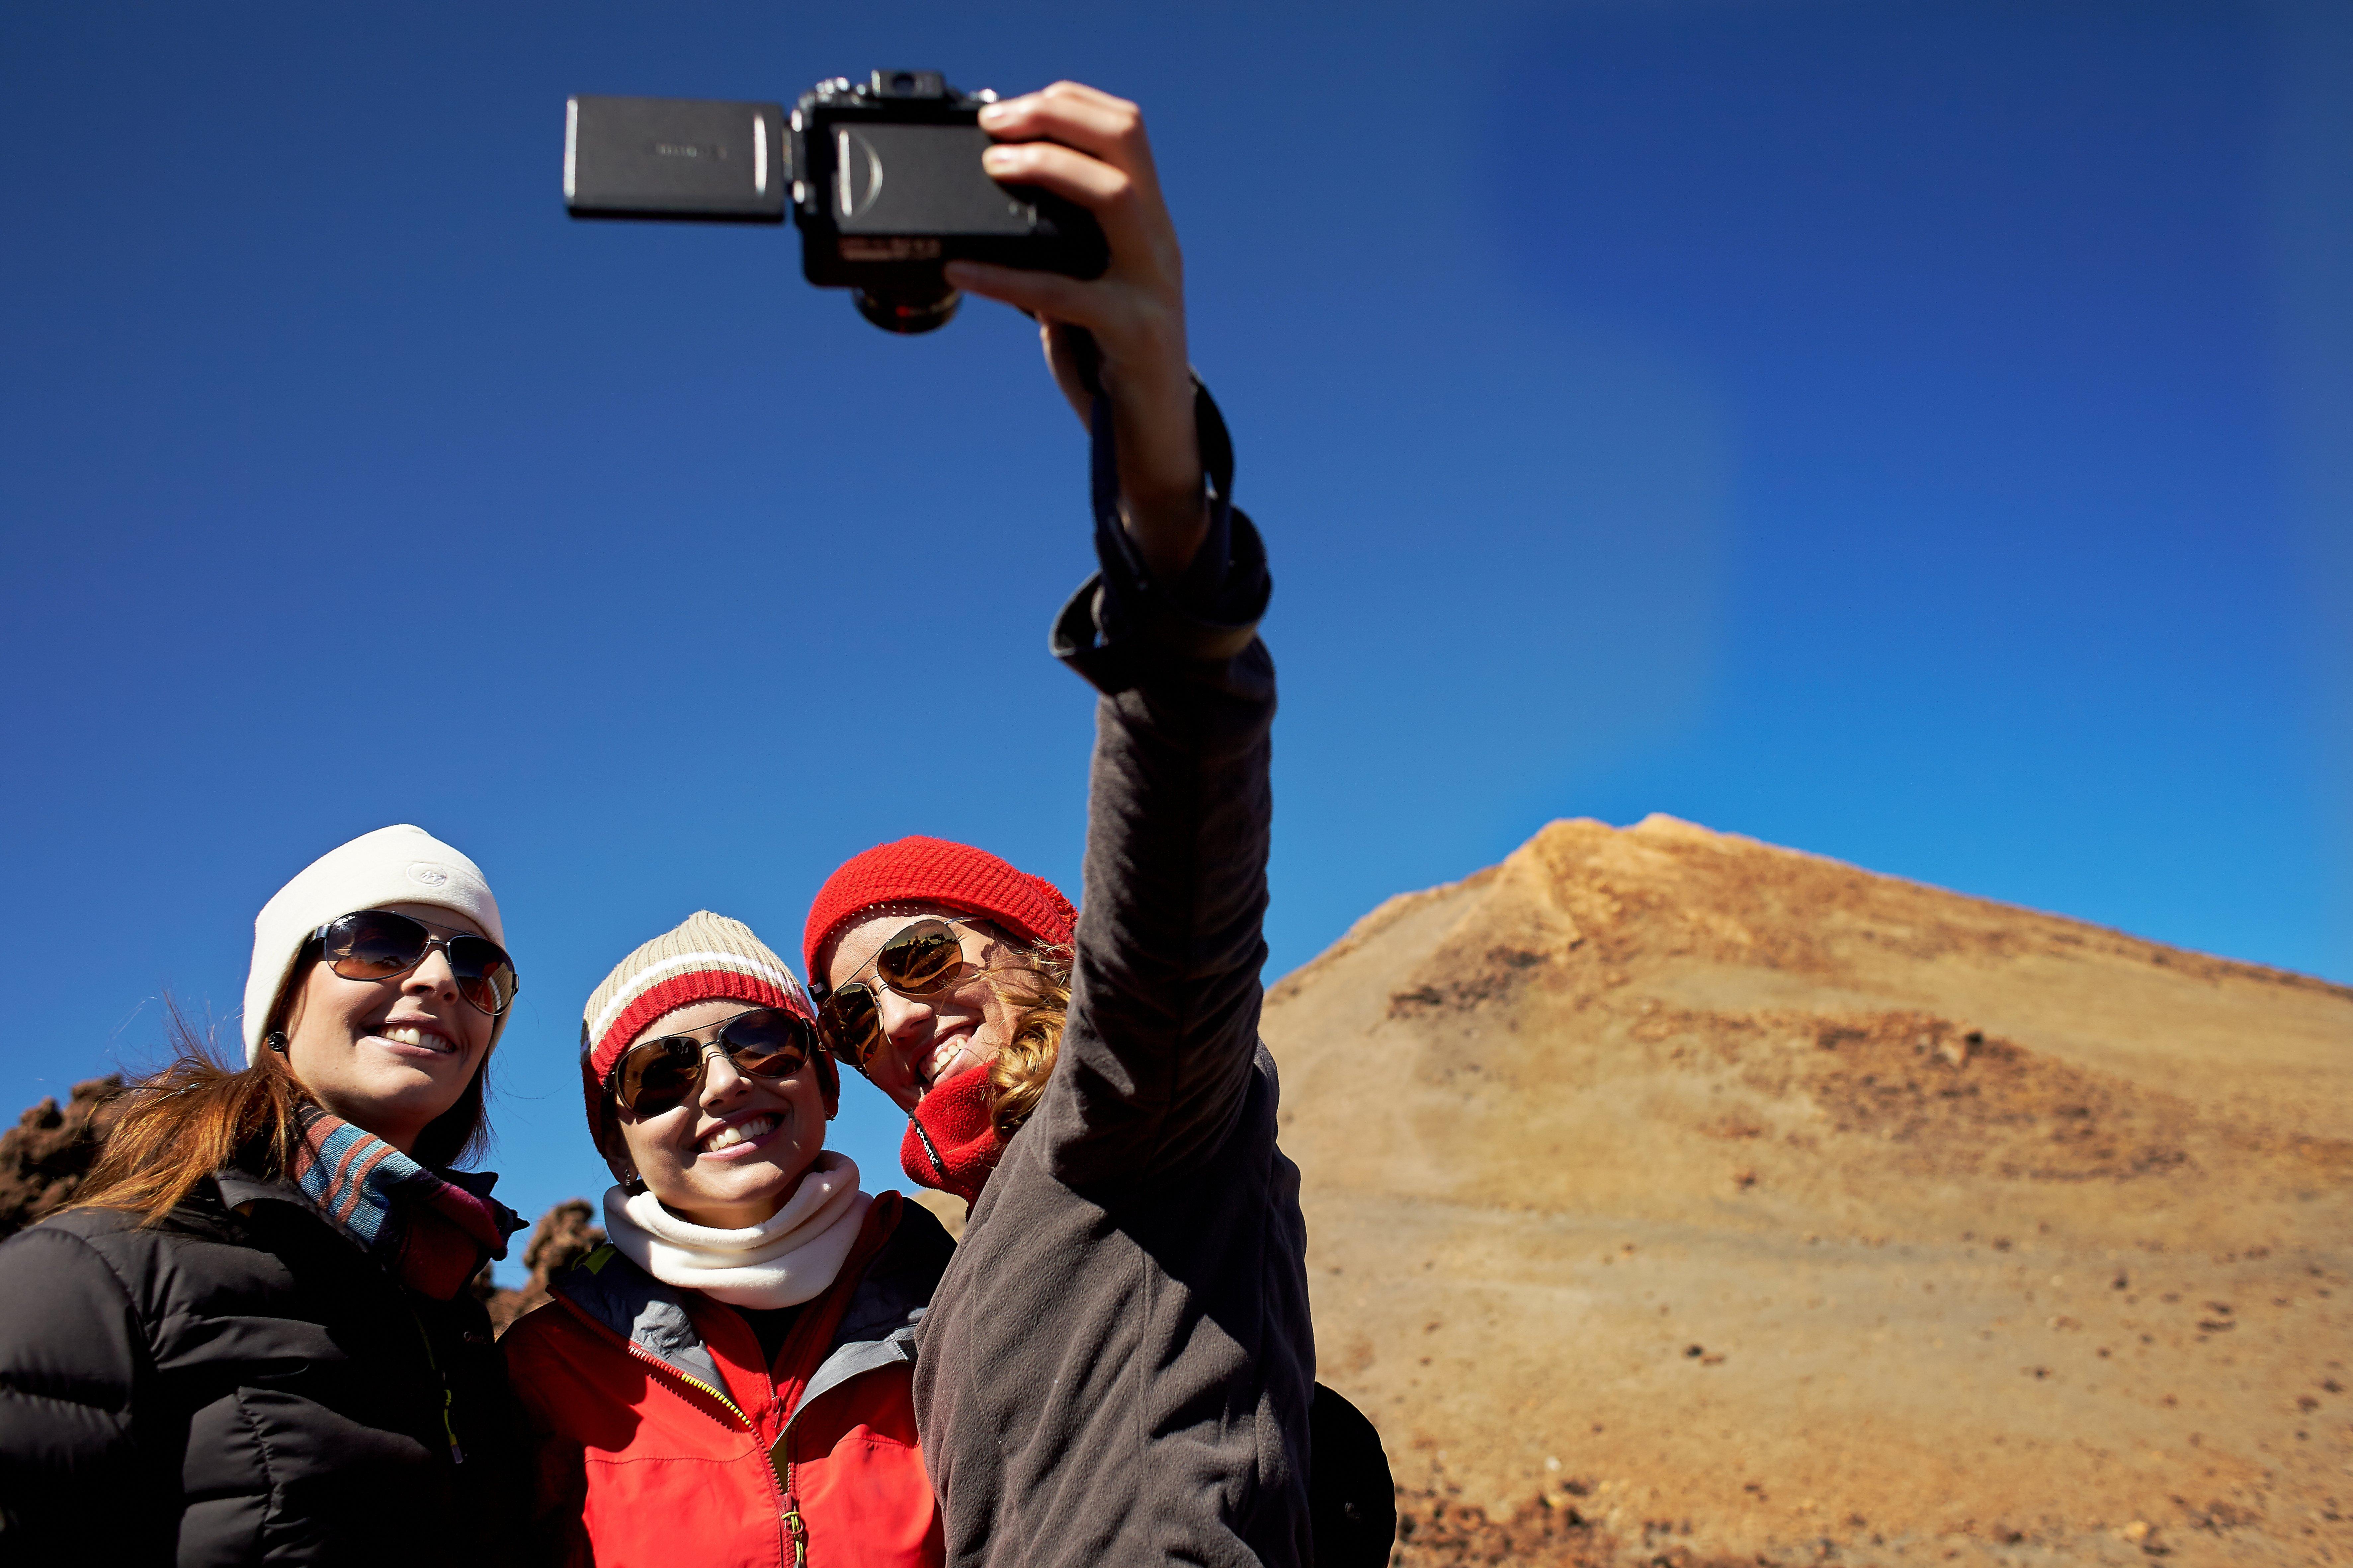 Excursion organisée au Teide avec autorisation d'accès au cratère